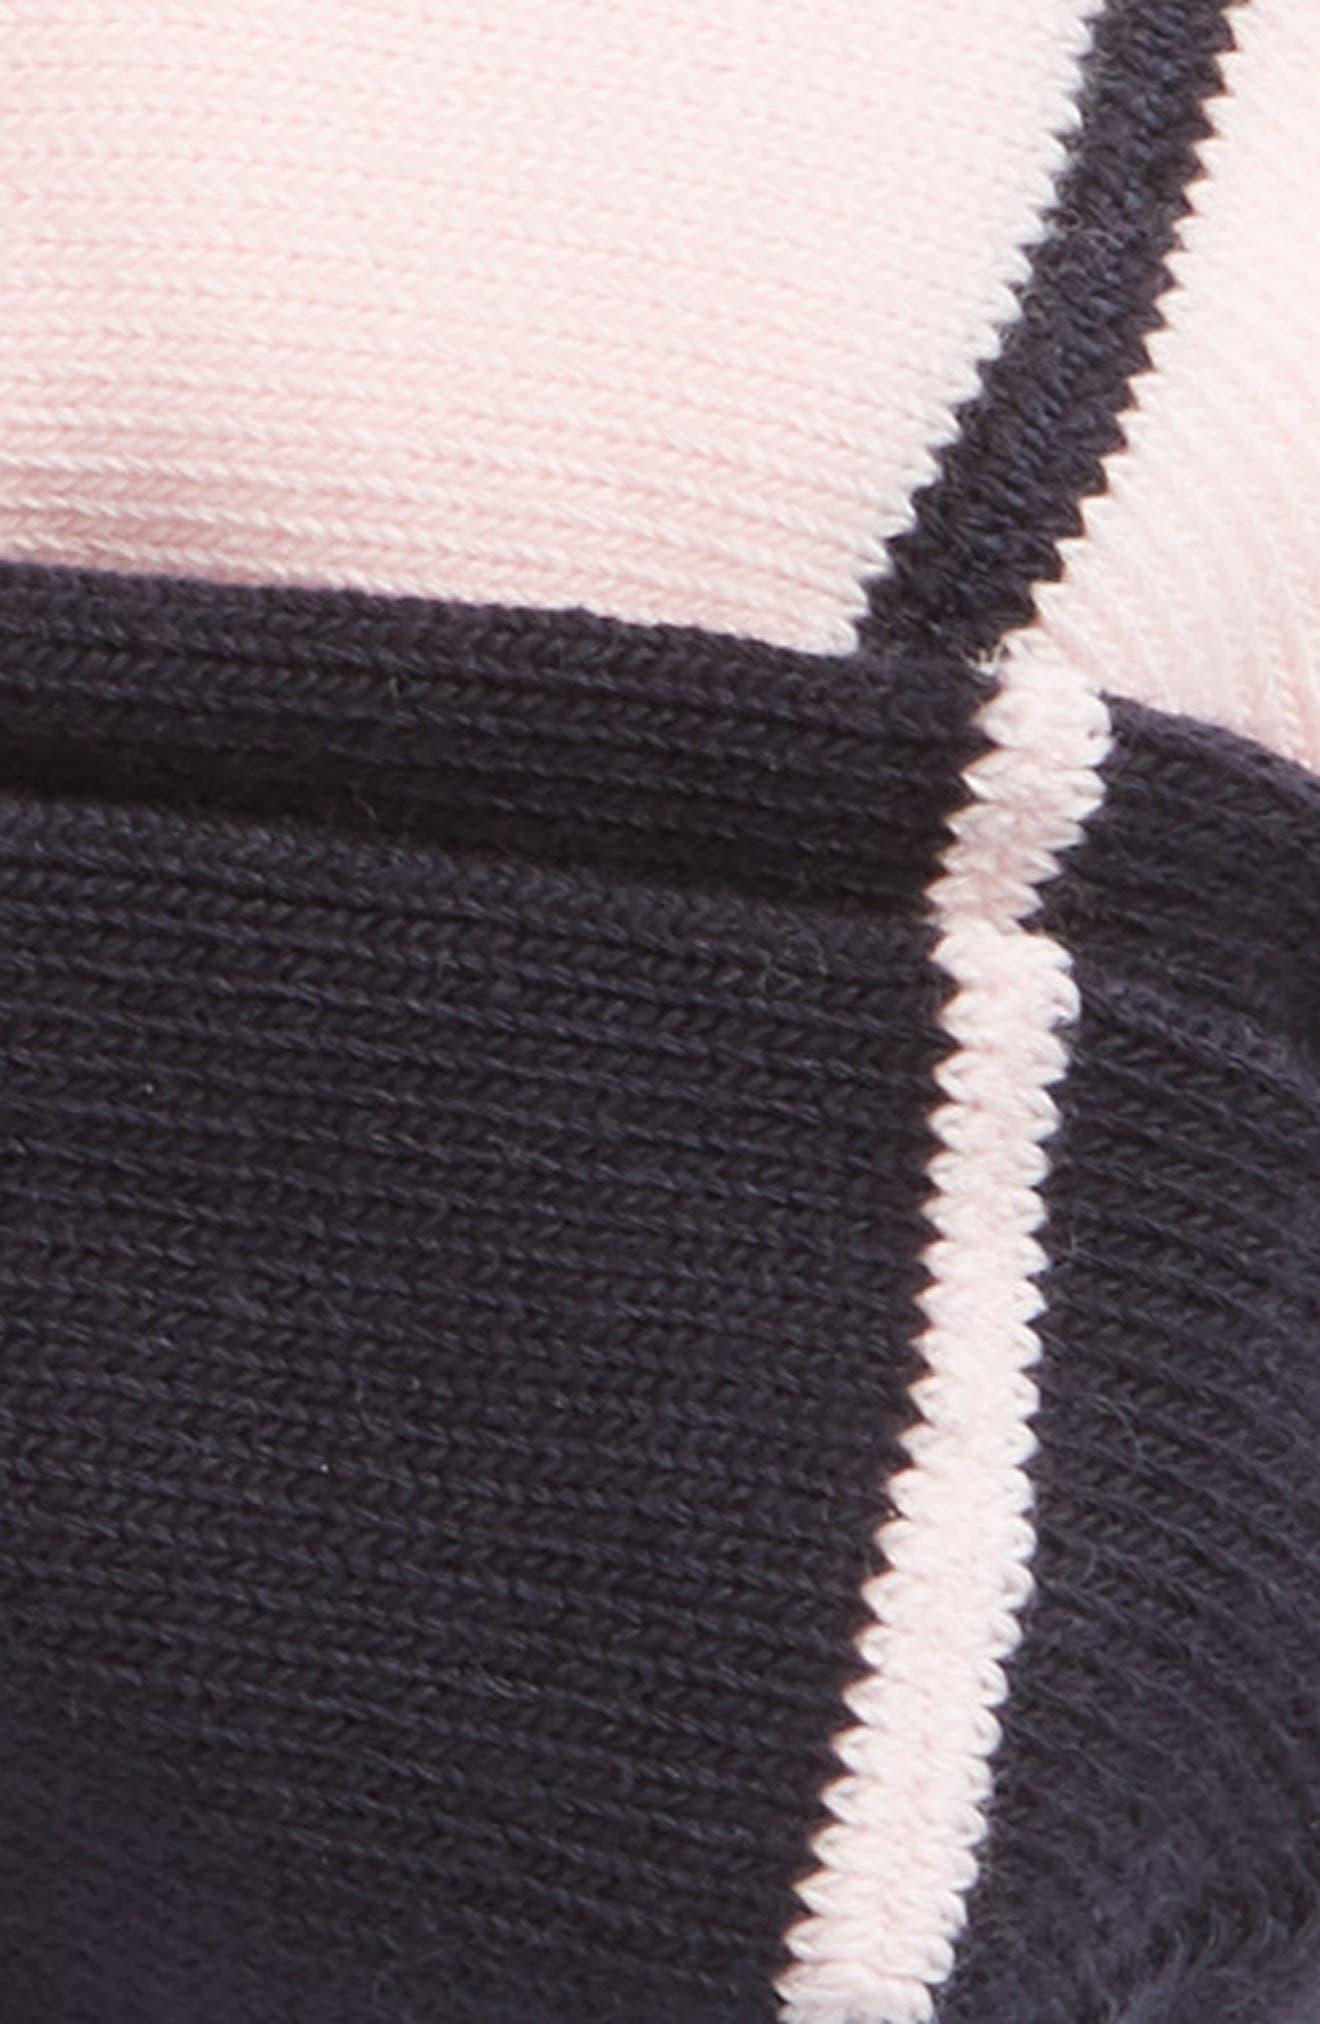 2-Pack Loafer Liner Socks,                             Alternate thumbnail 2, color,                             NAVY/ PINK